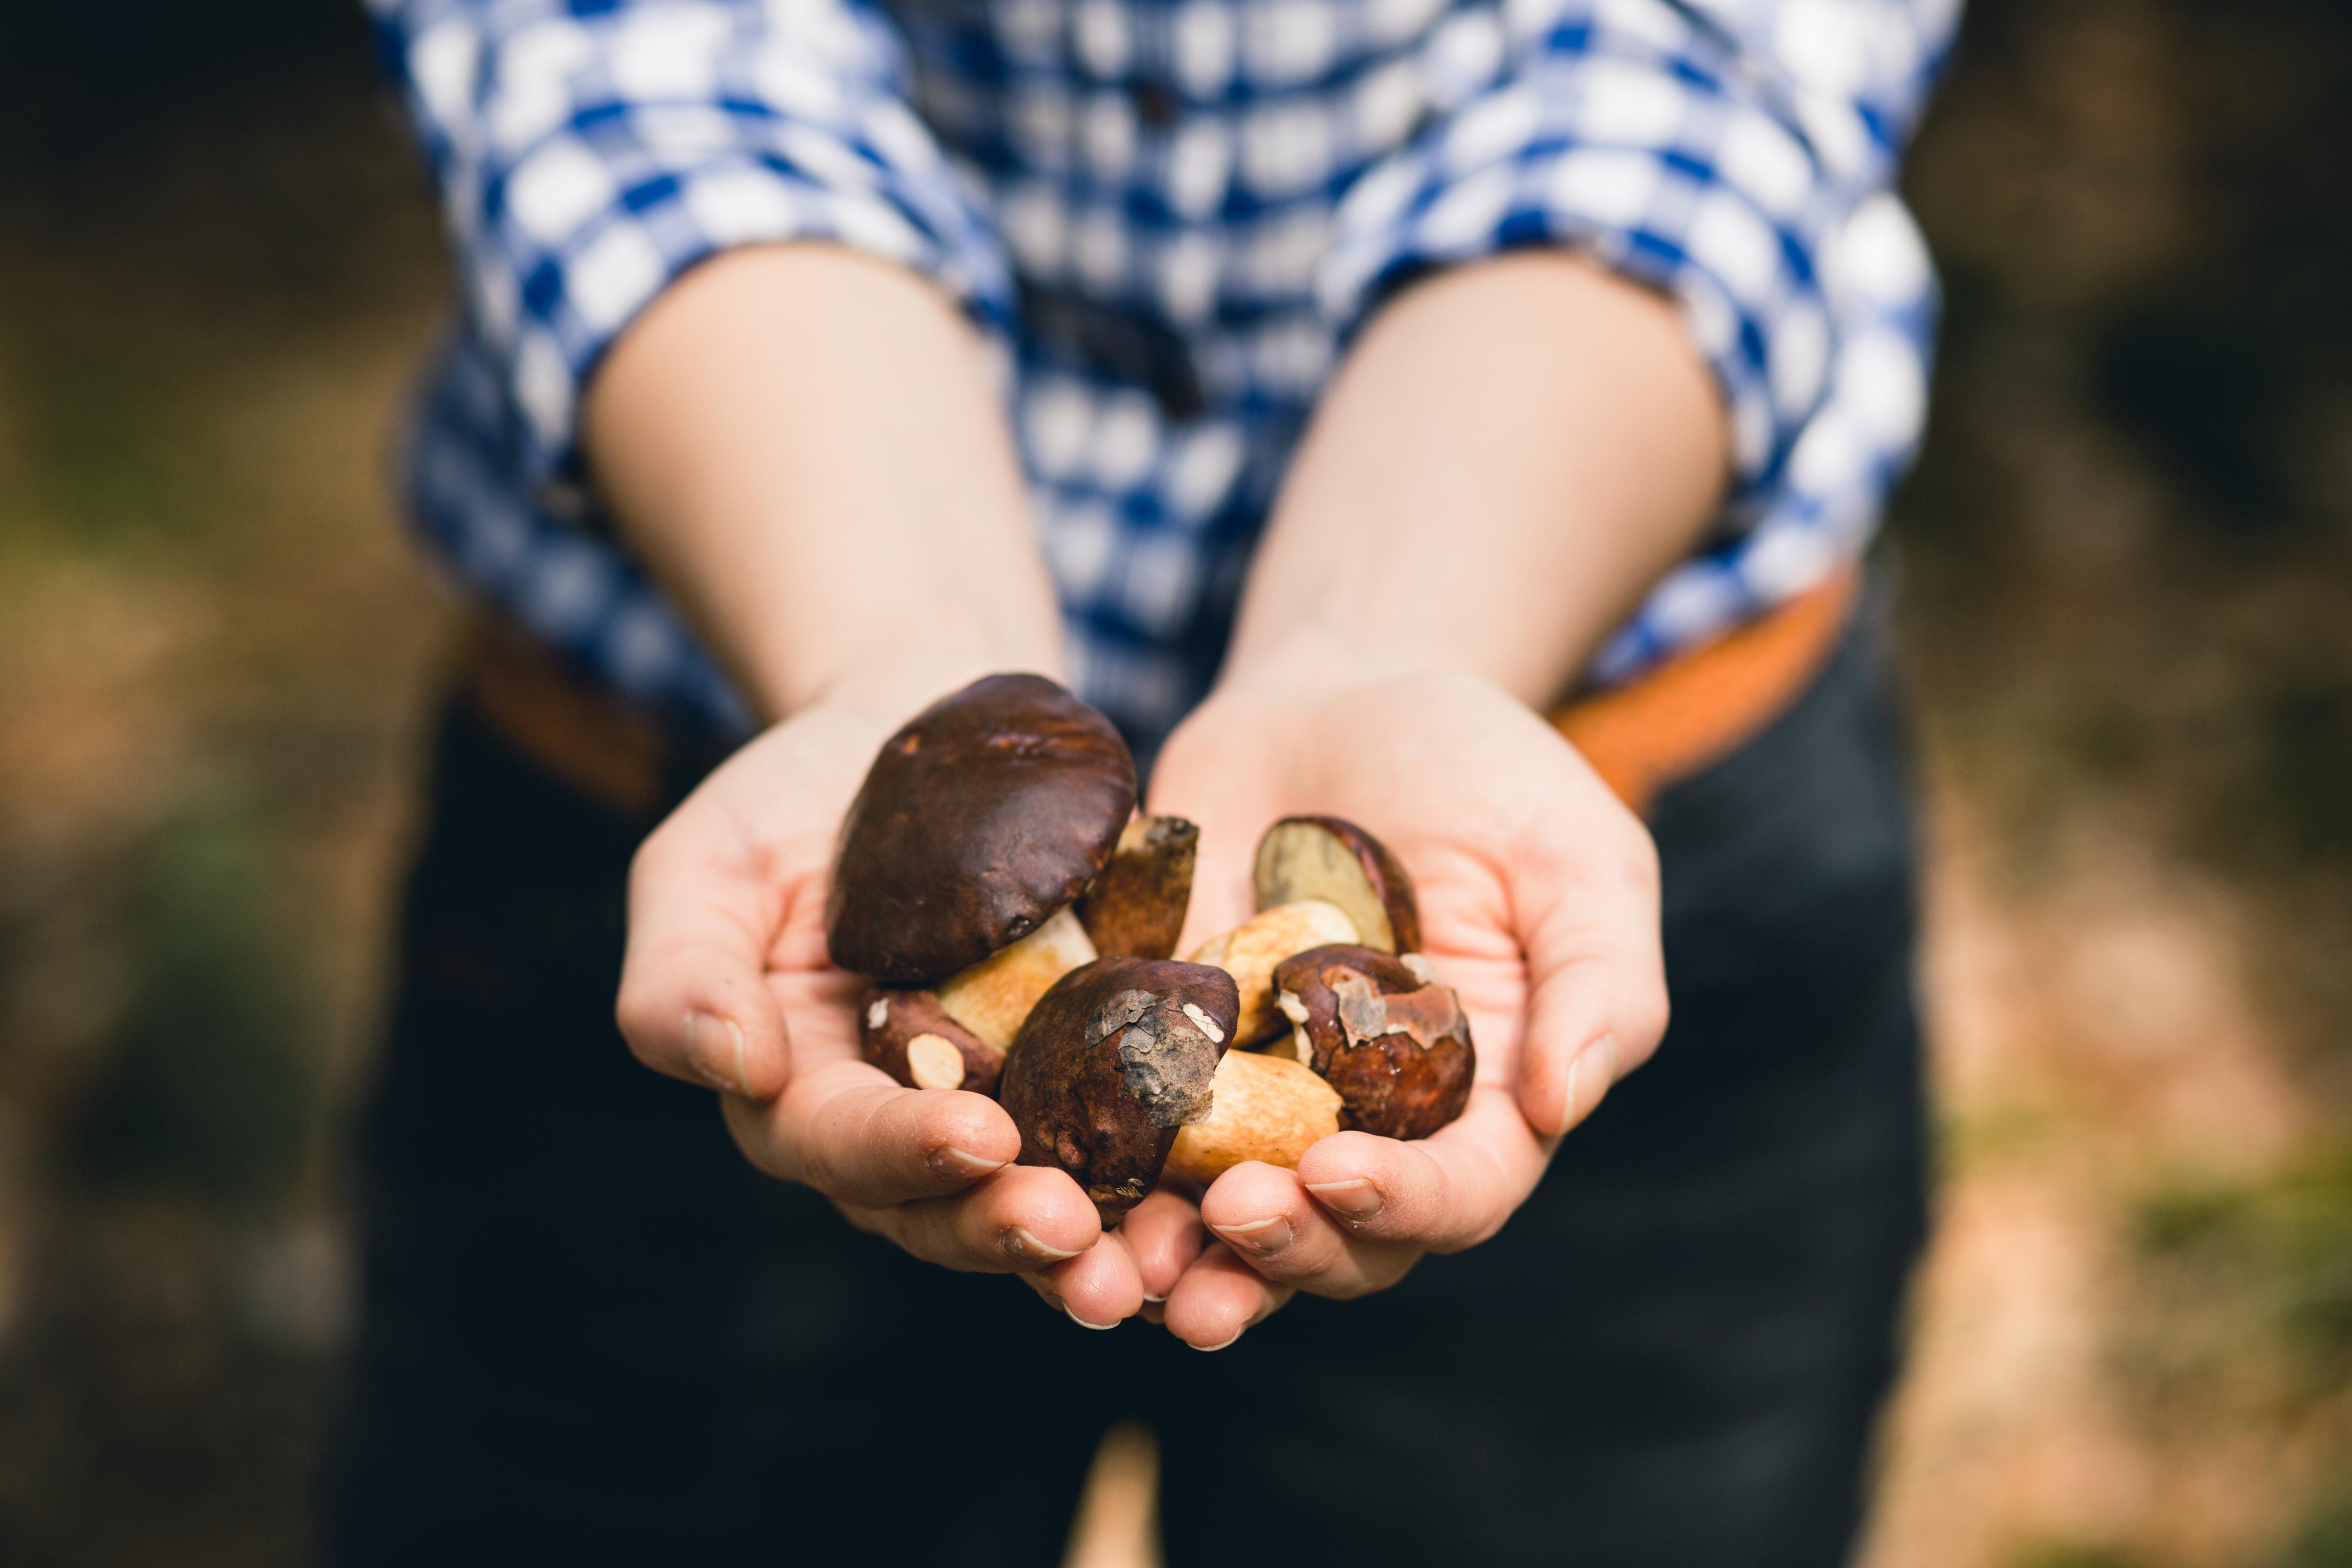 Det allra viktigaste rådet när man plockar och tillagar svamp är att veta vad man gör, inte minst med nya svampar, säger svampexperten Pelle Holmberg.